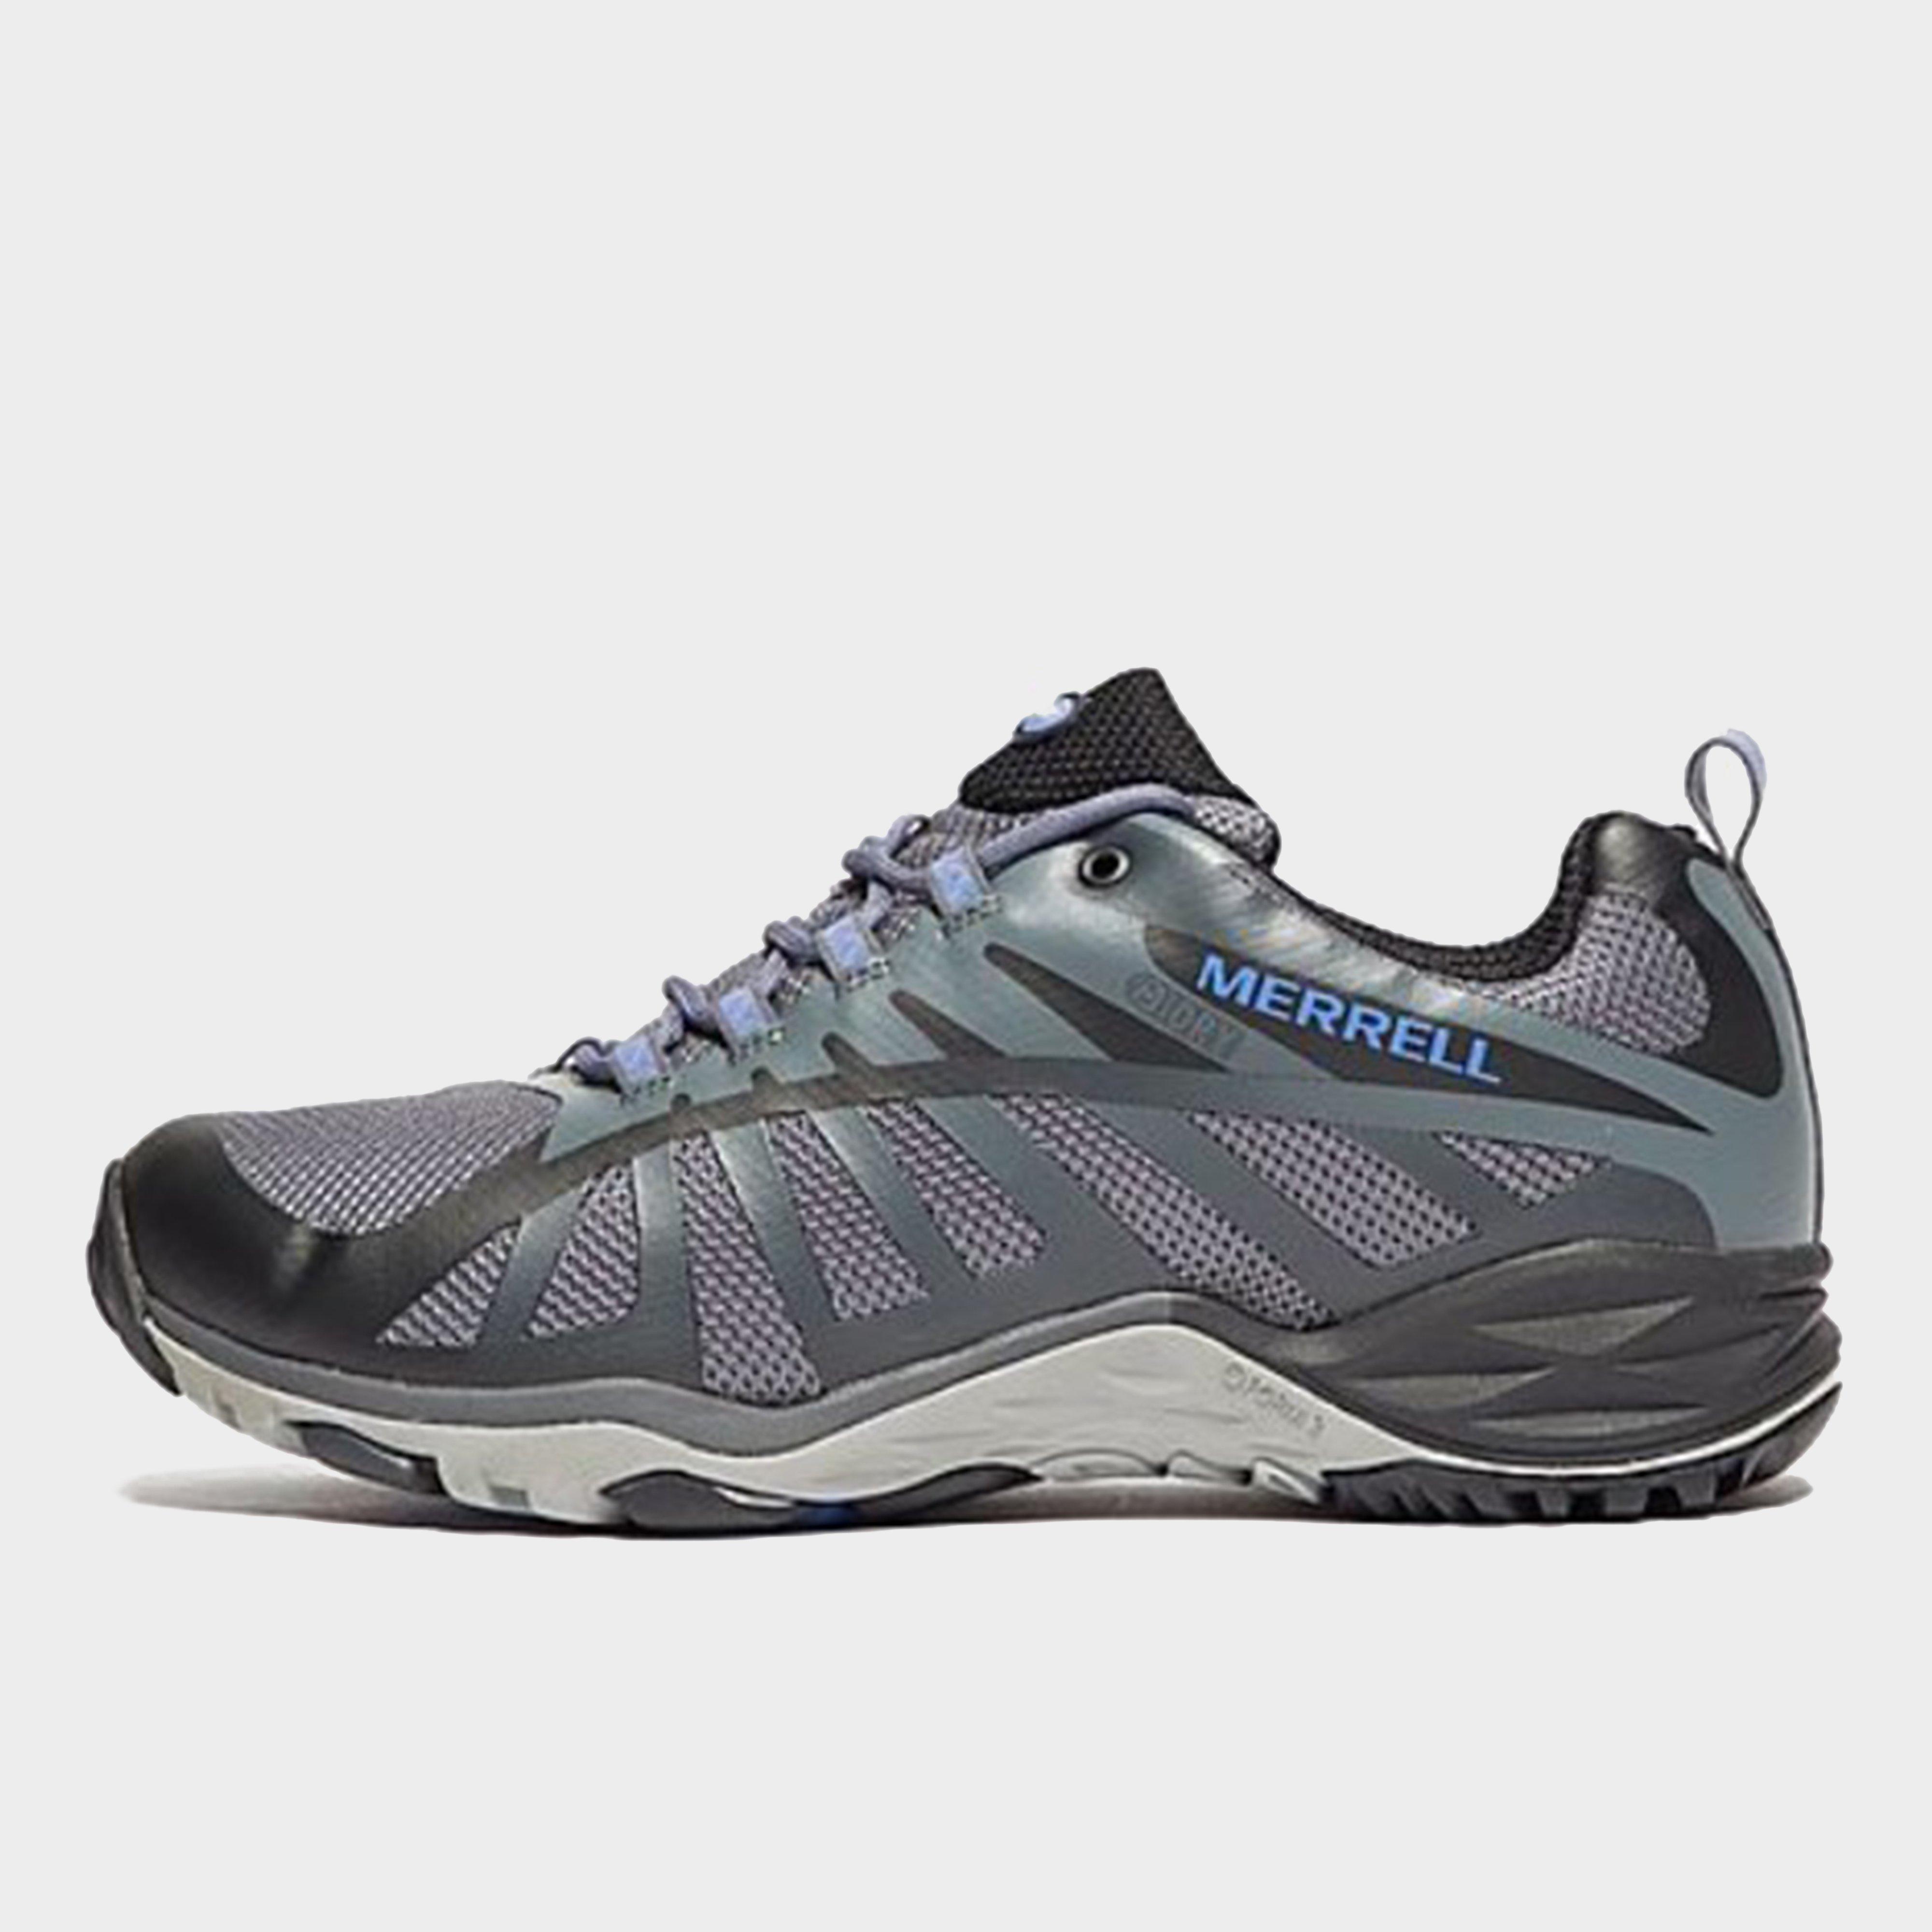 7b34e9b7 Women's Siren Edge Q2 Waterproof Walking Shoes